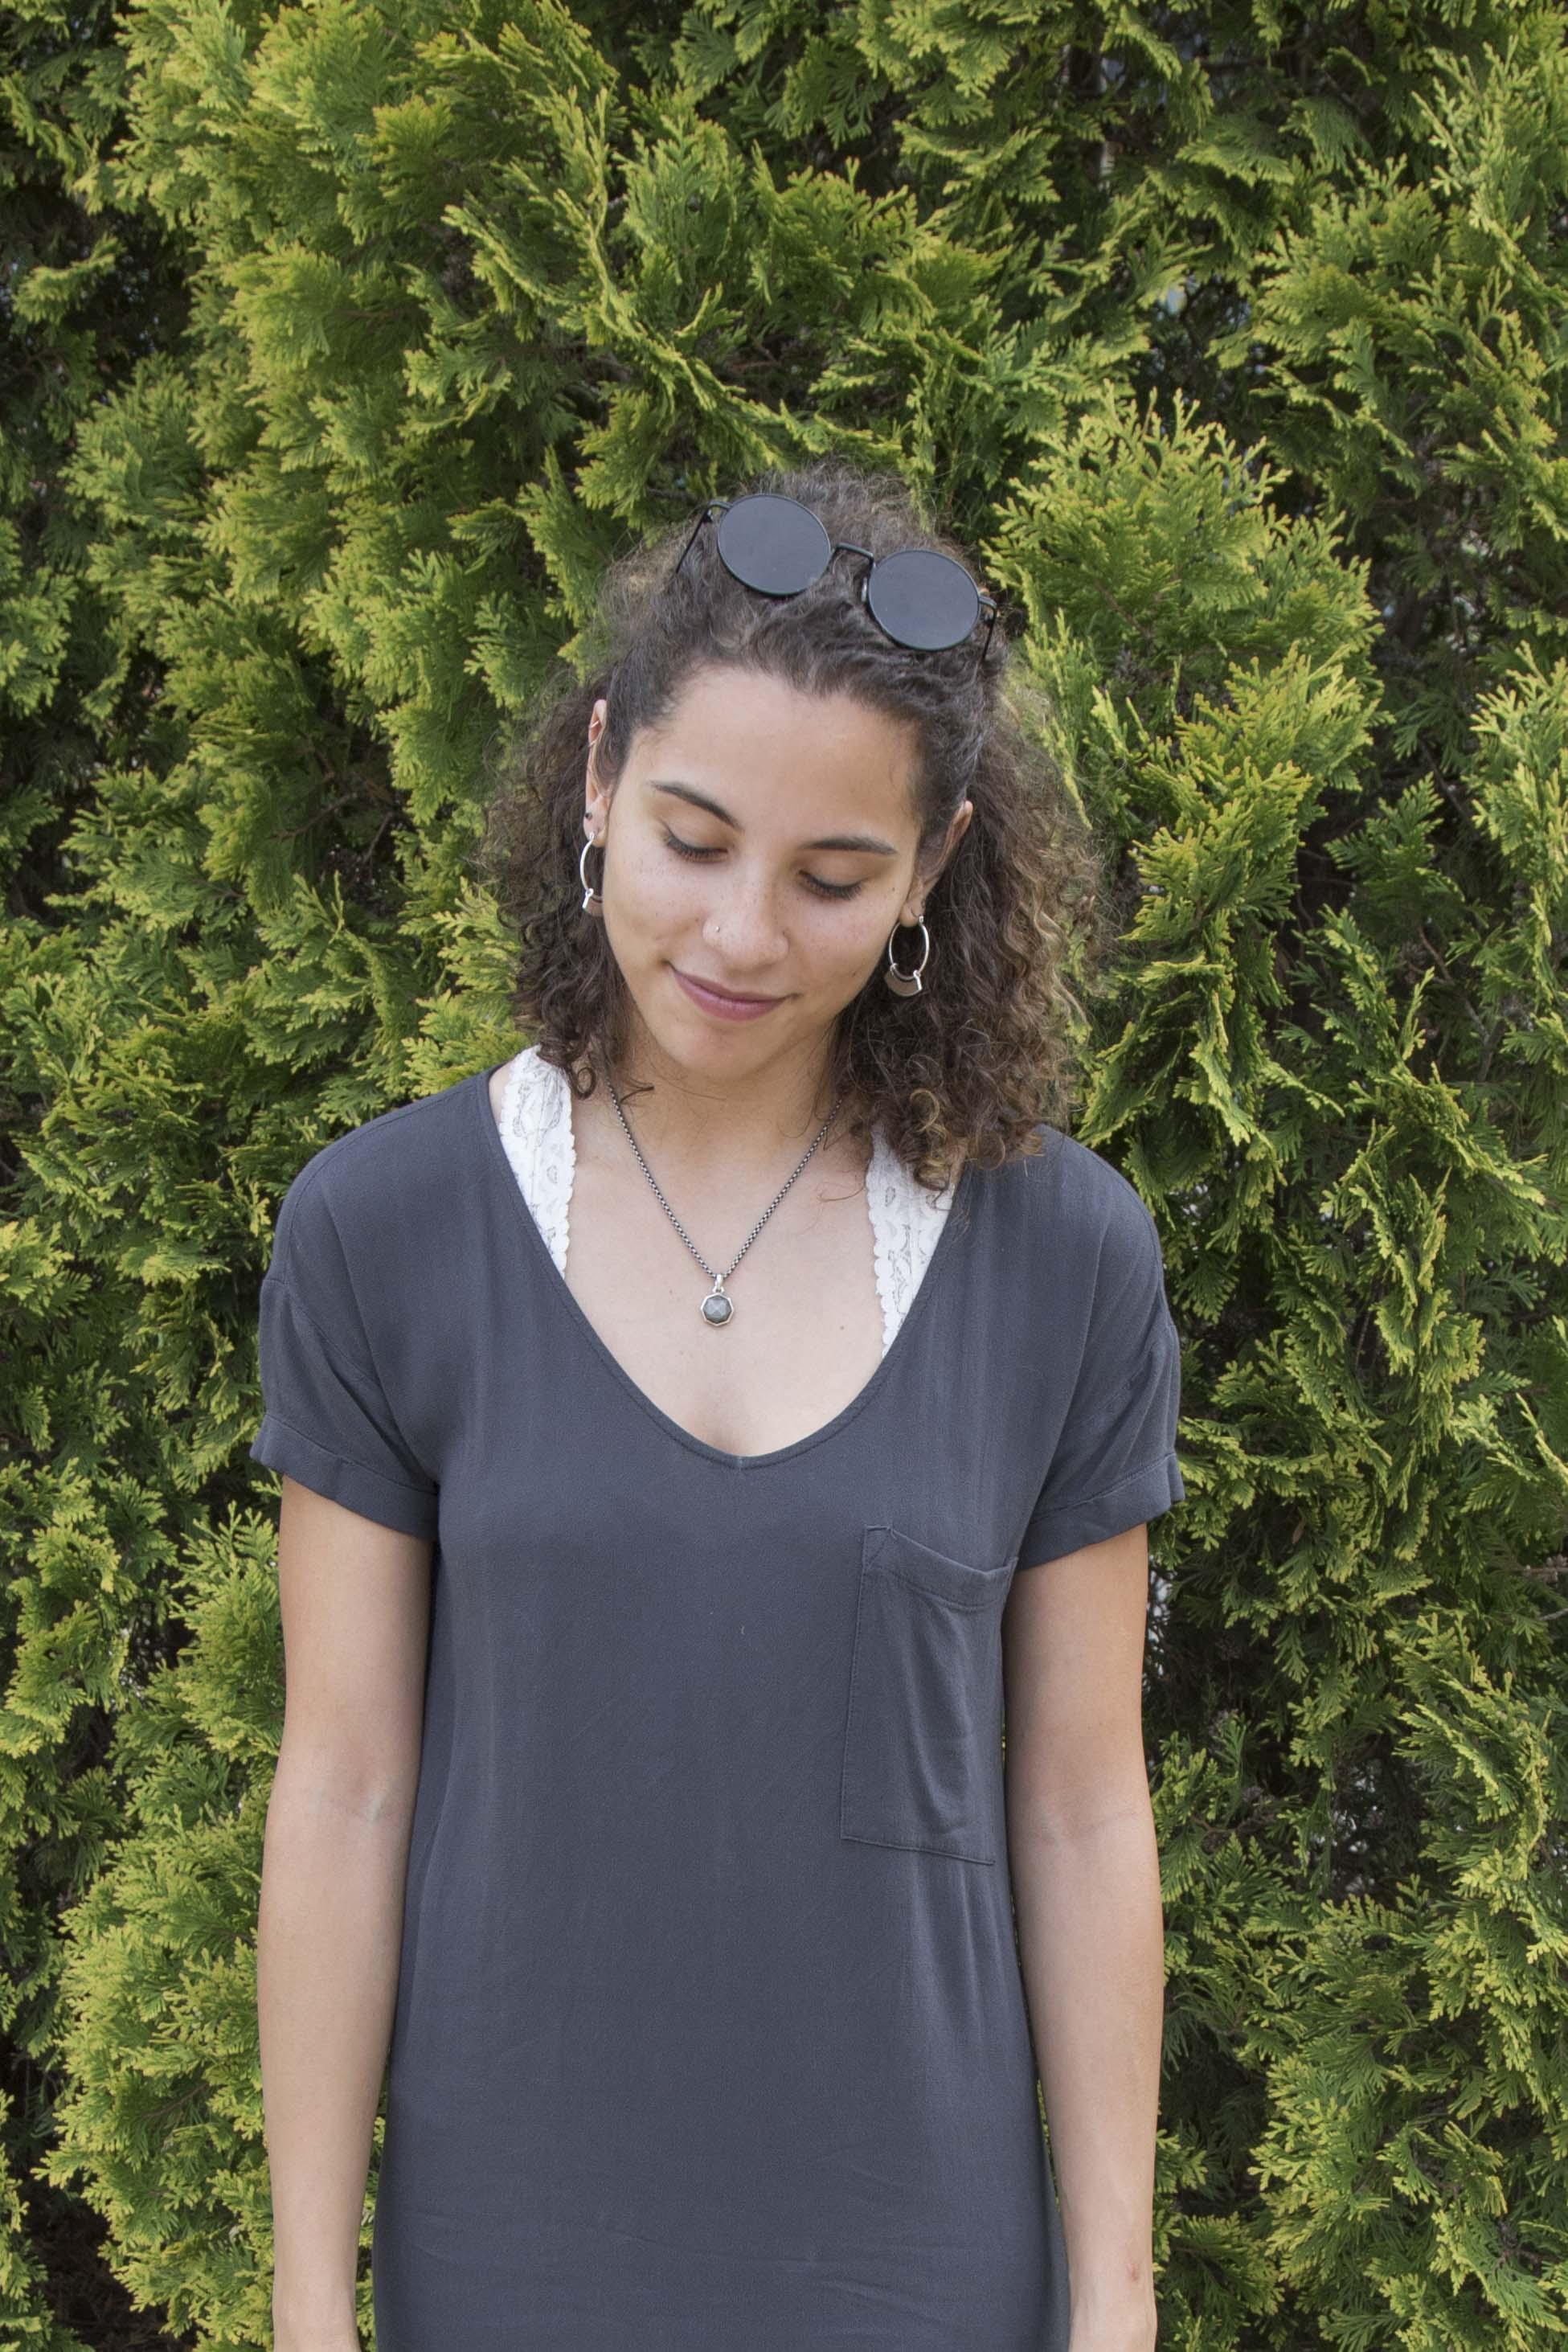 Megan_chillin25.JPG